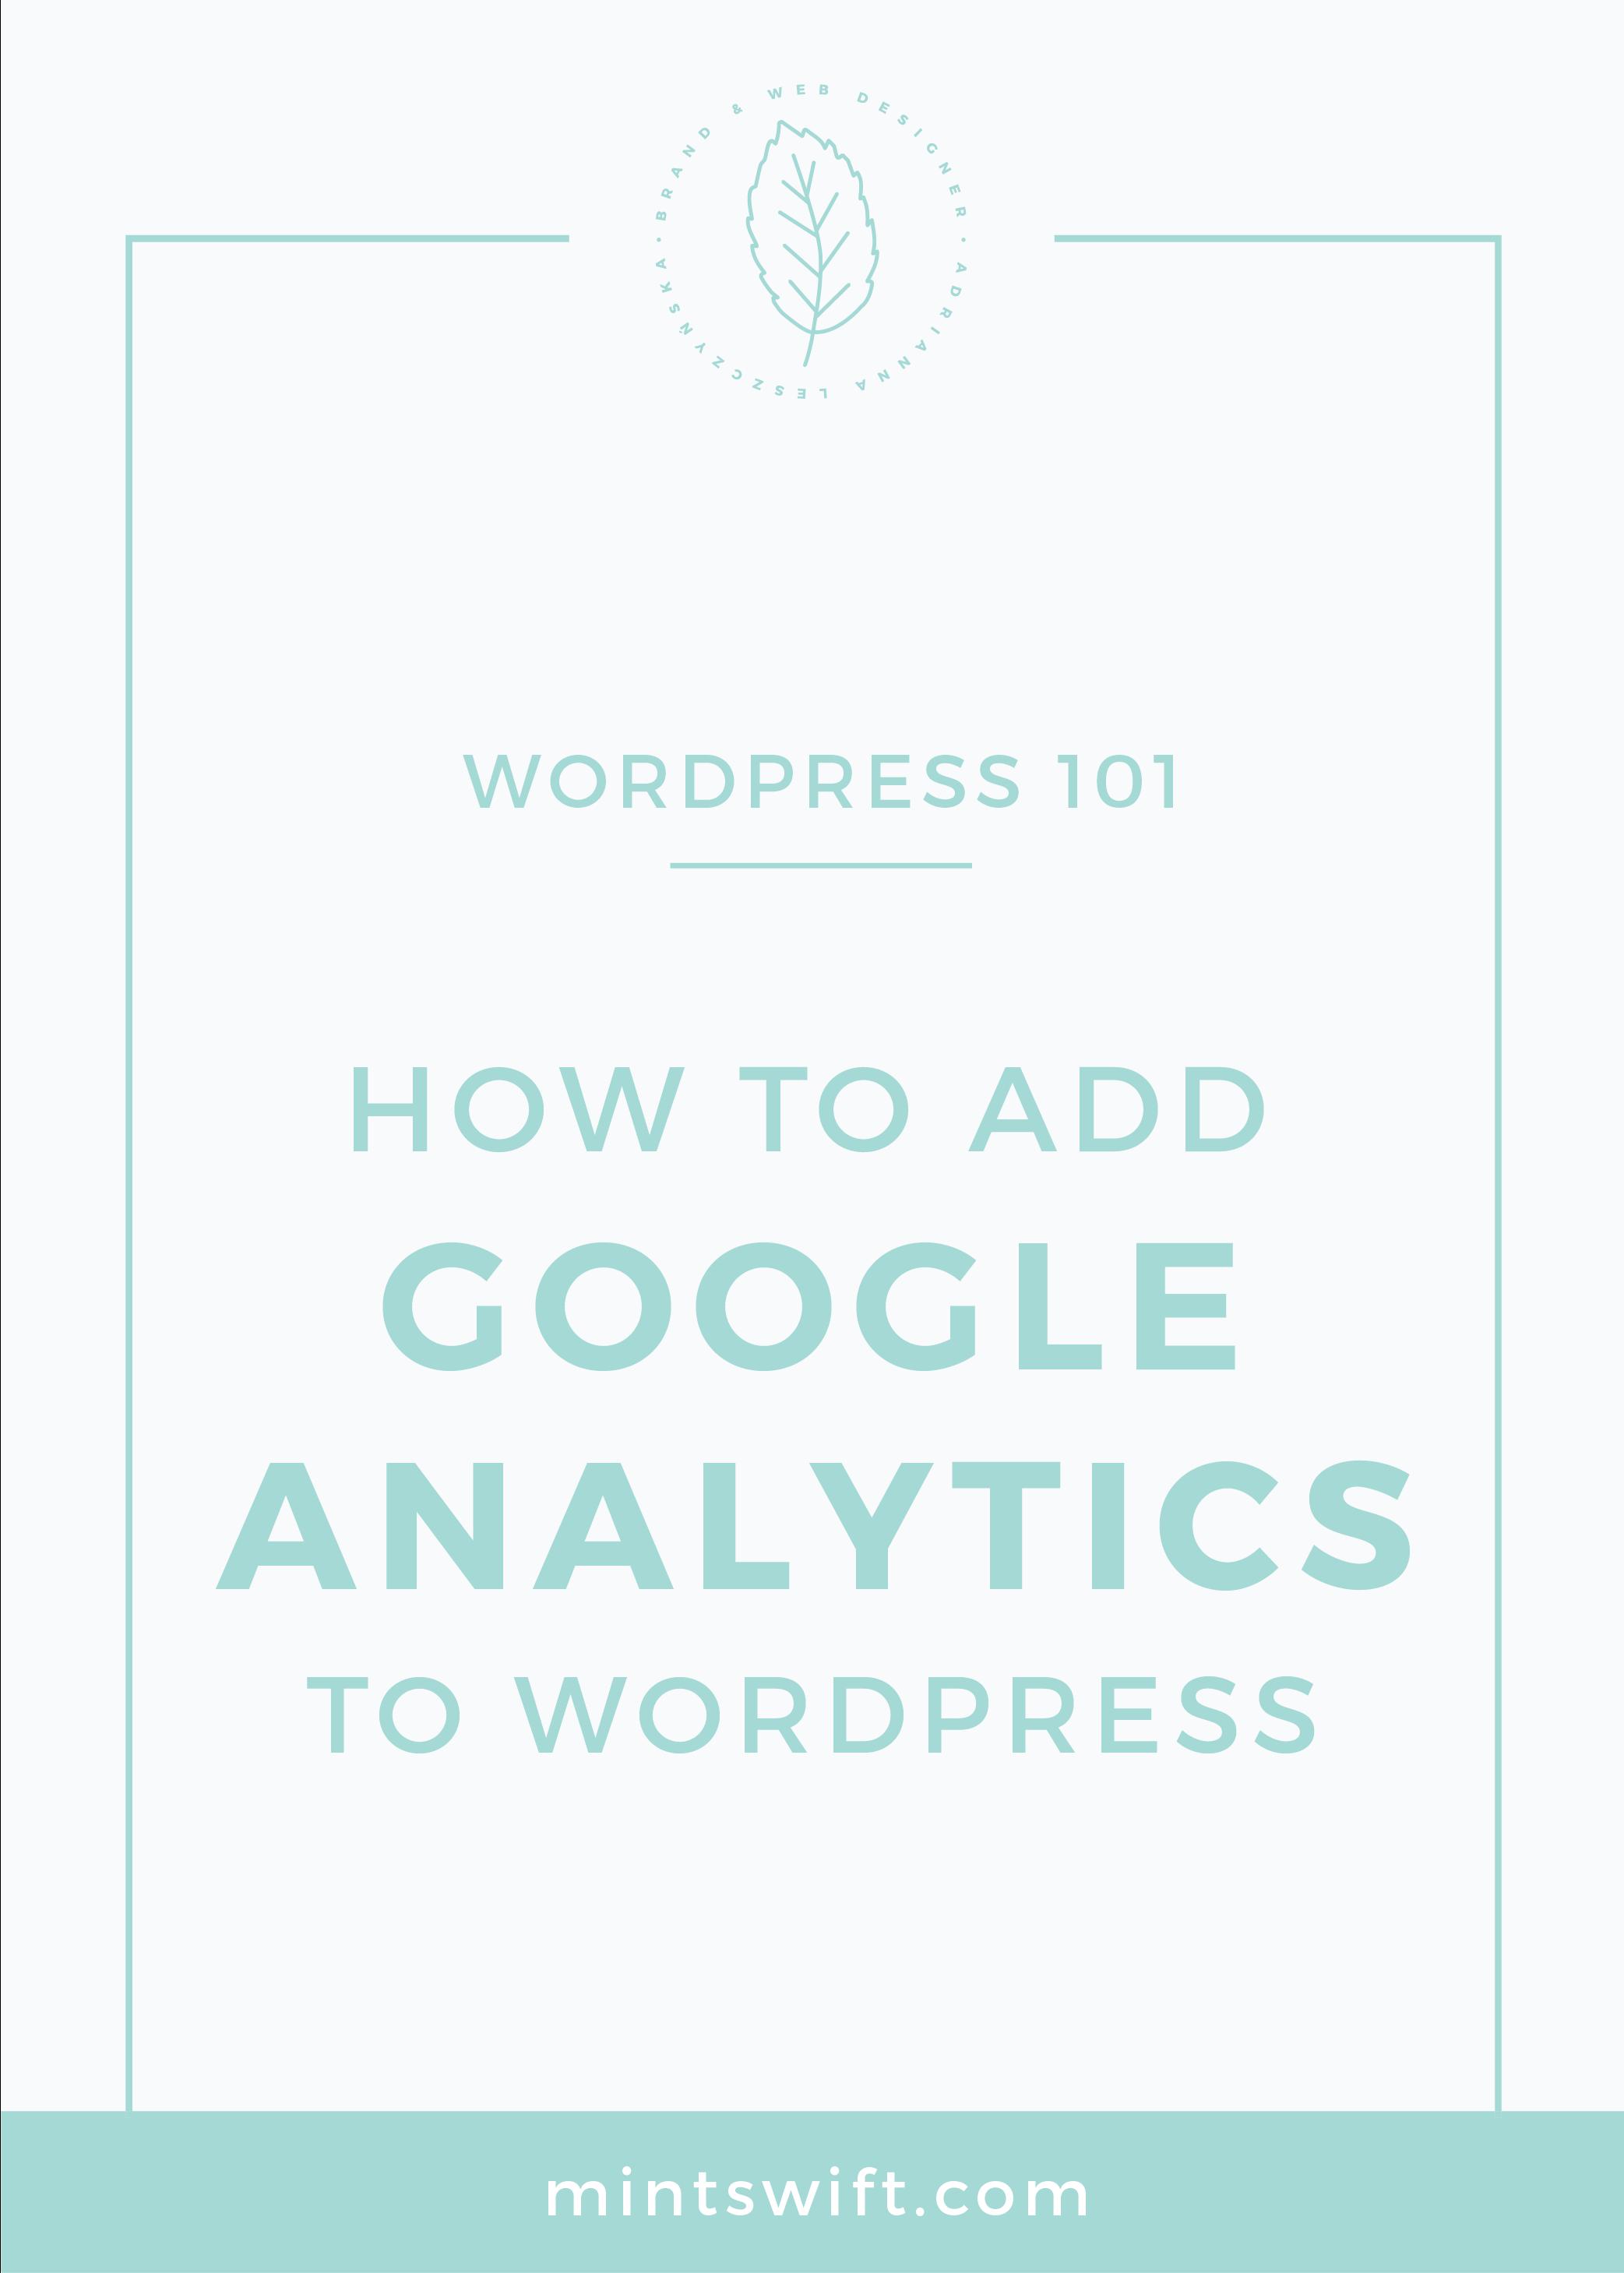 How to Add Google Analytics to WordPress MintSwift